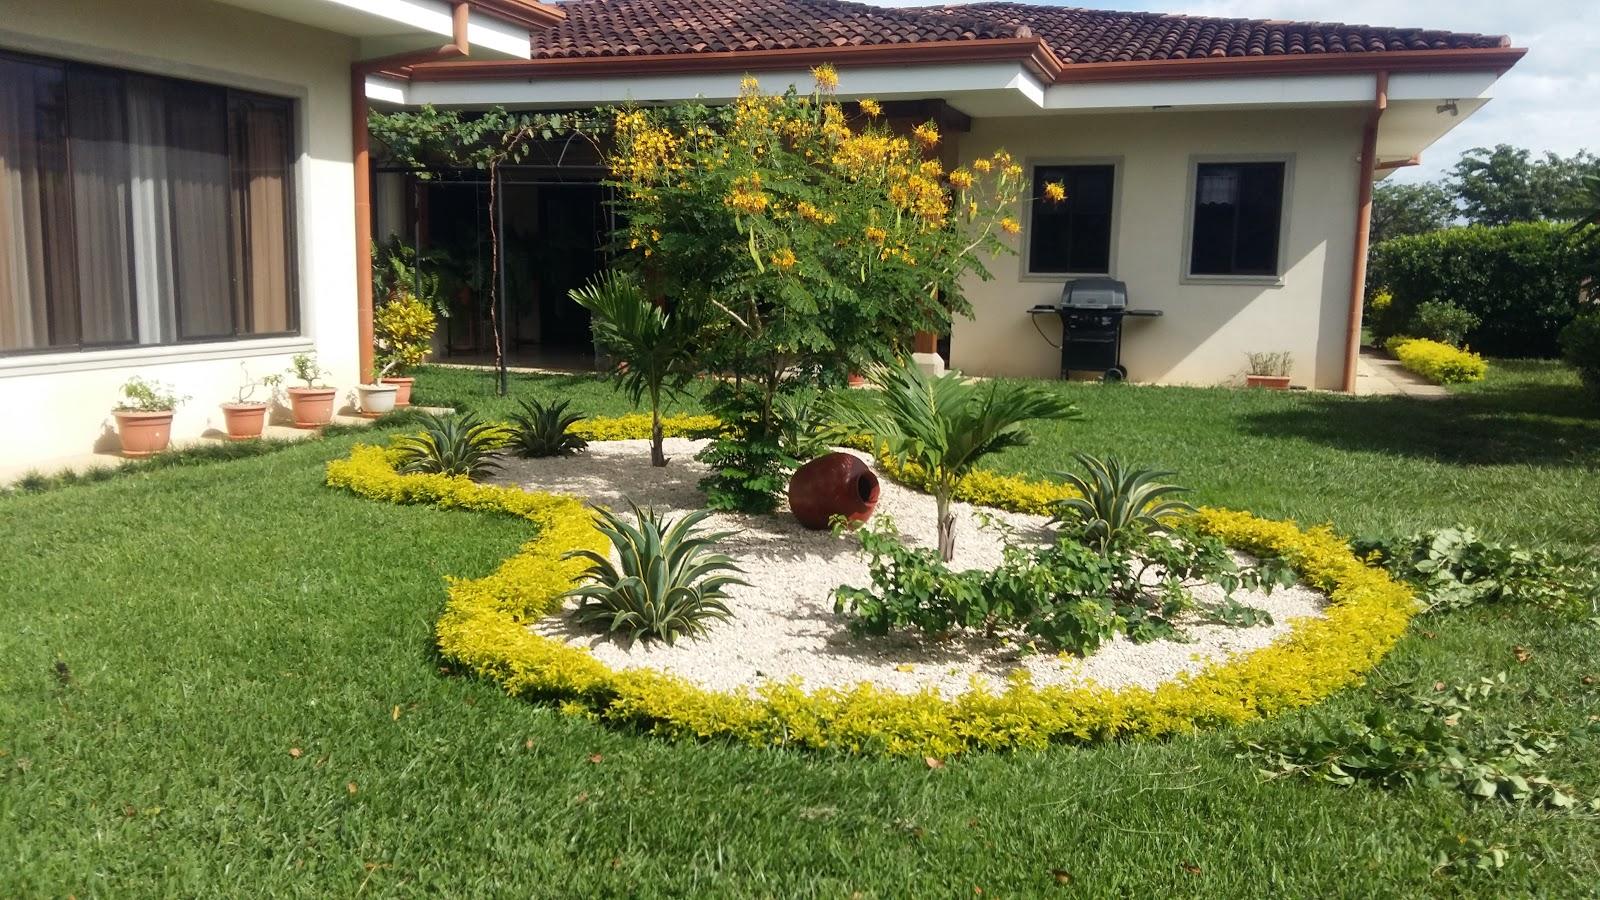 Dise o de jardines liberia for Diseno de jardines frentes de casas